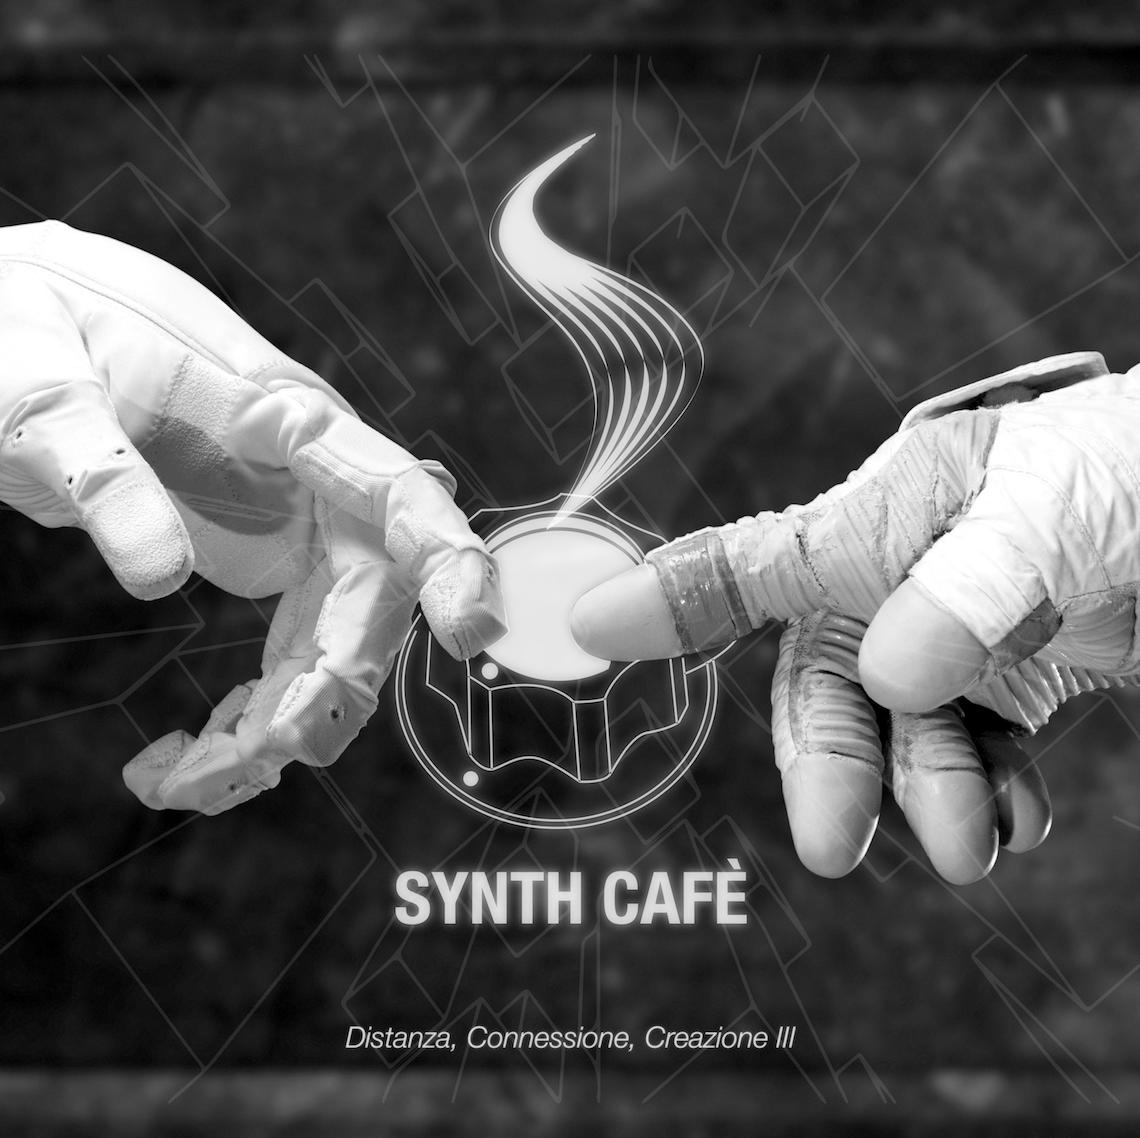 """""""Distanza, Connessione, Creazione III"""", la nuova compilation di Synth Cafè"""